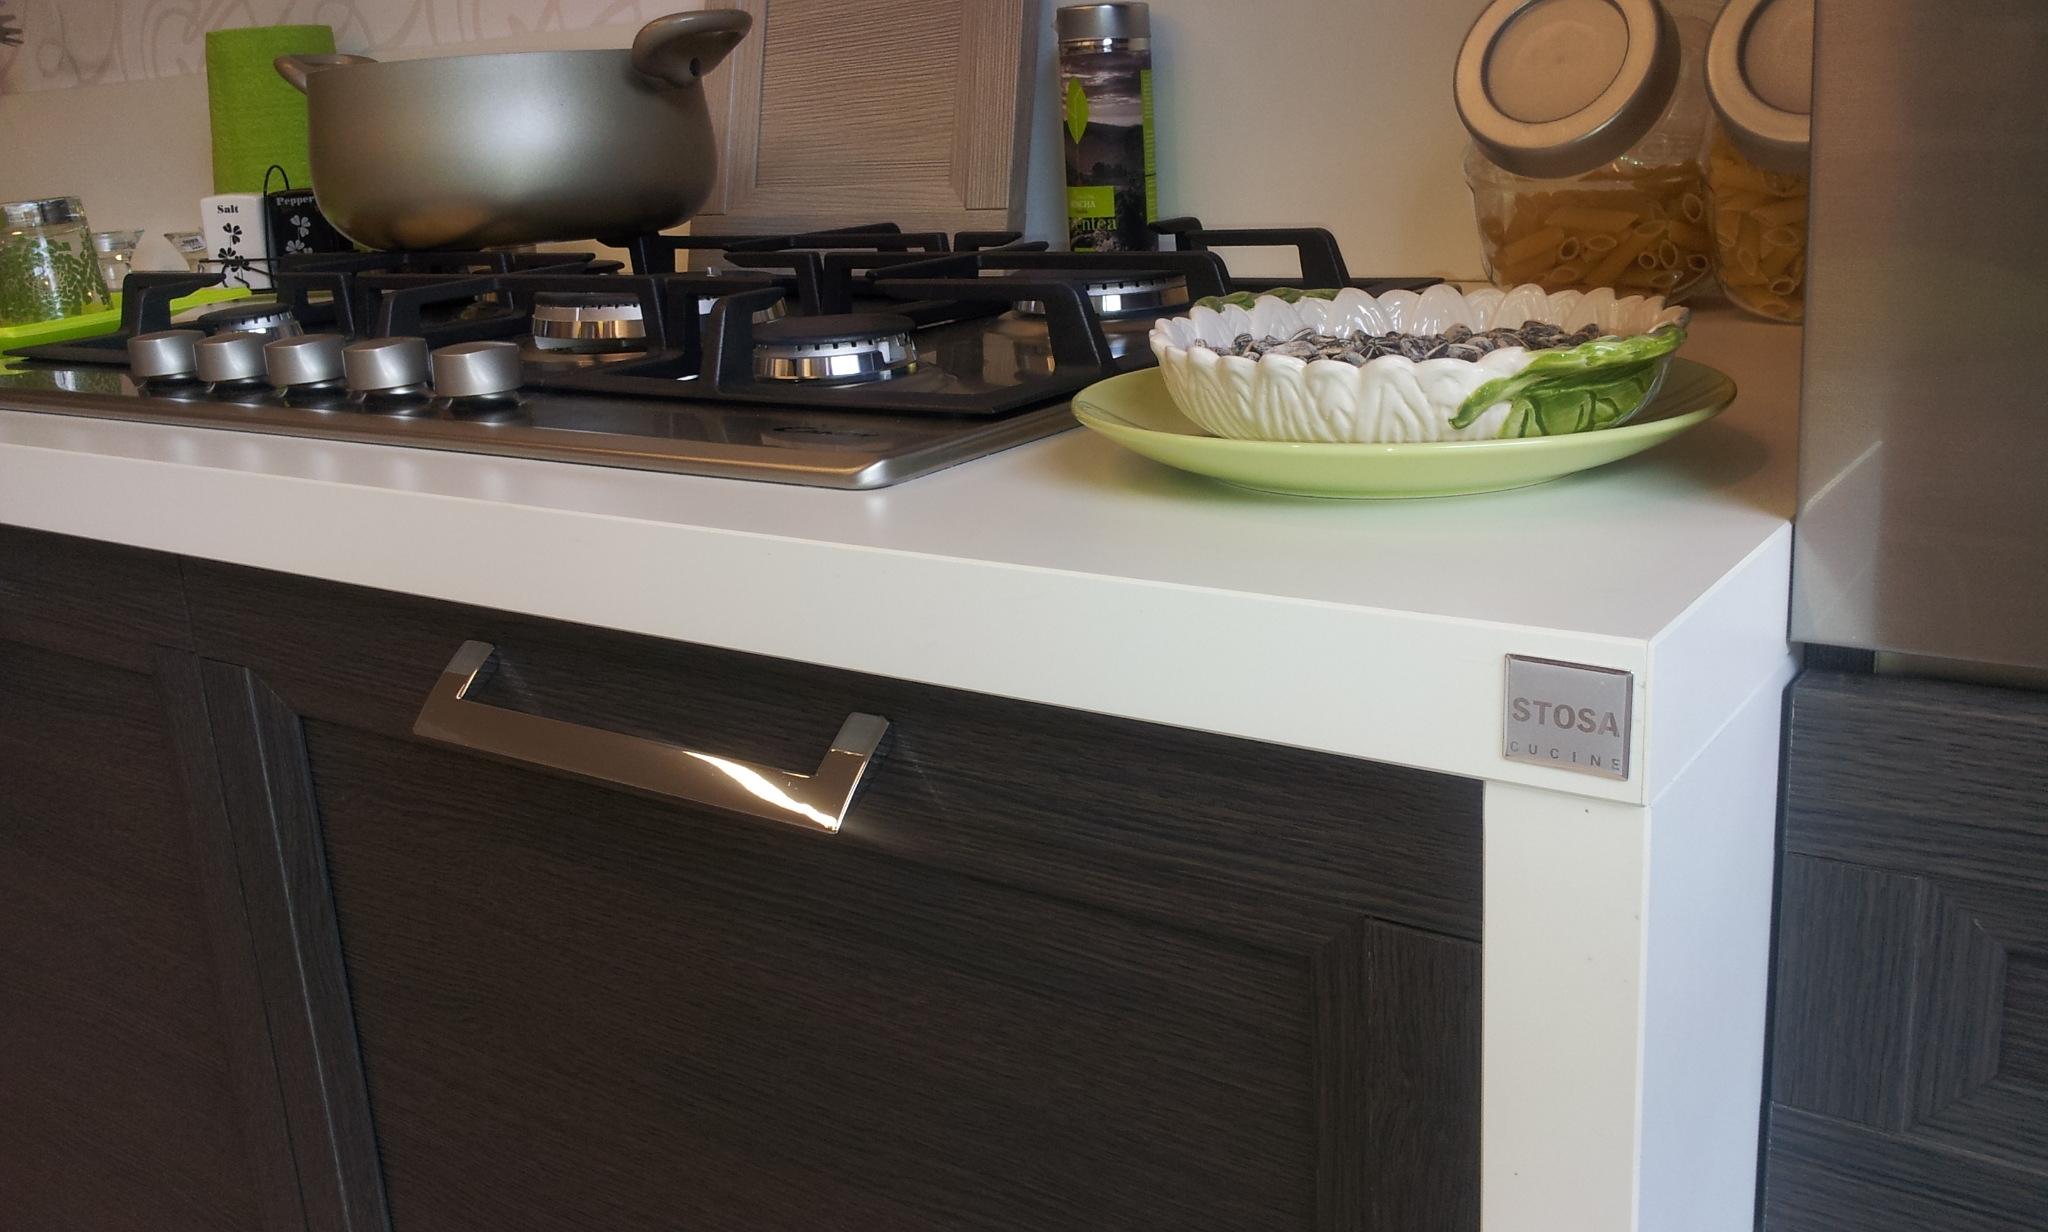 Stosa Cucine Cucina Malibù bianca e rovere grigio scontato del -55 ...